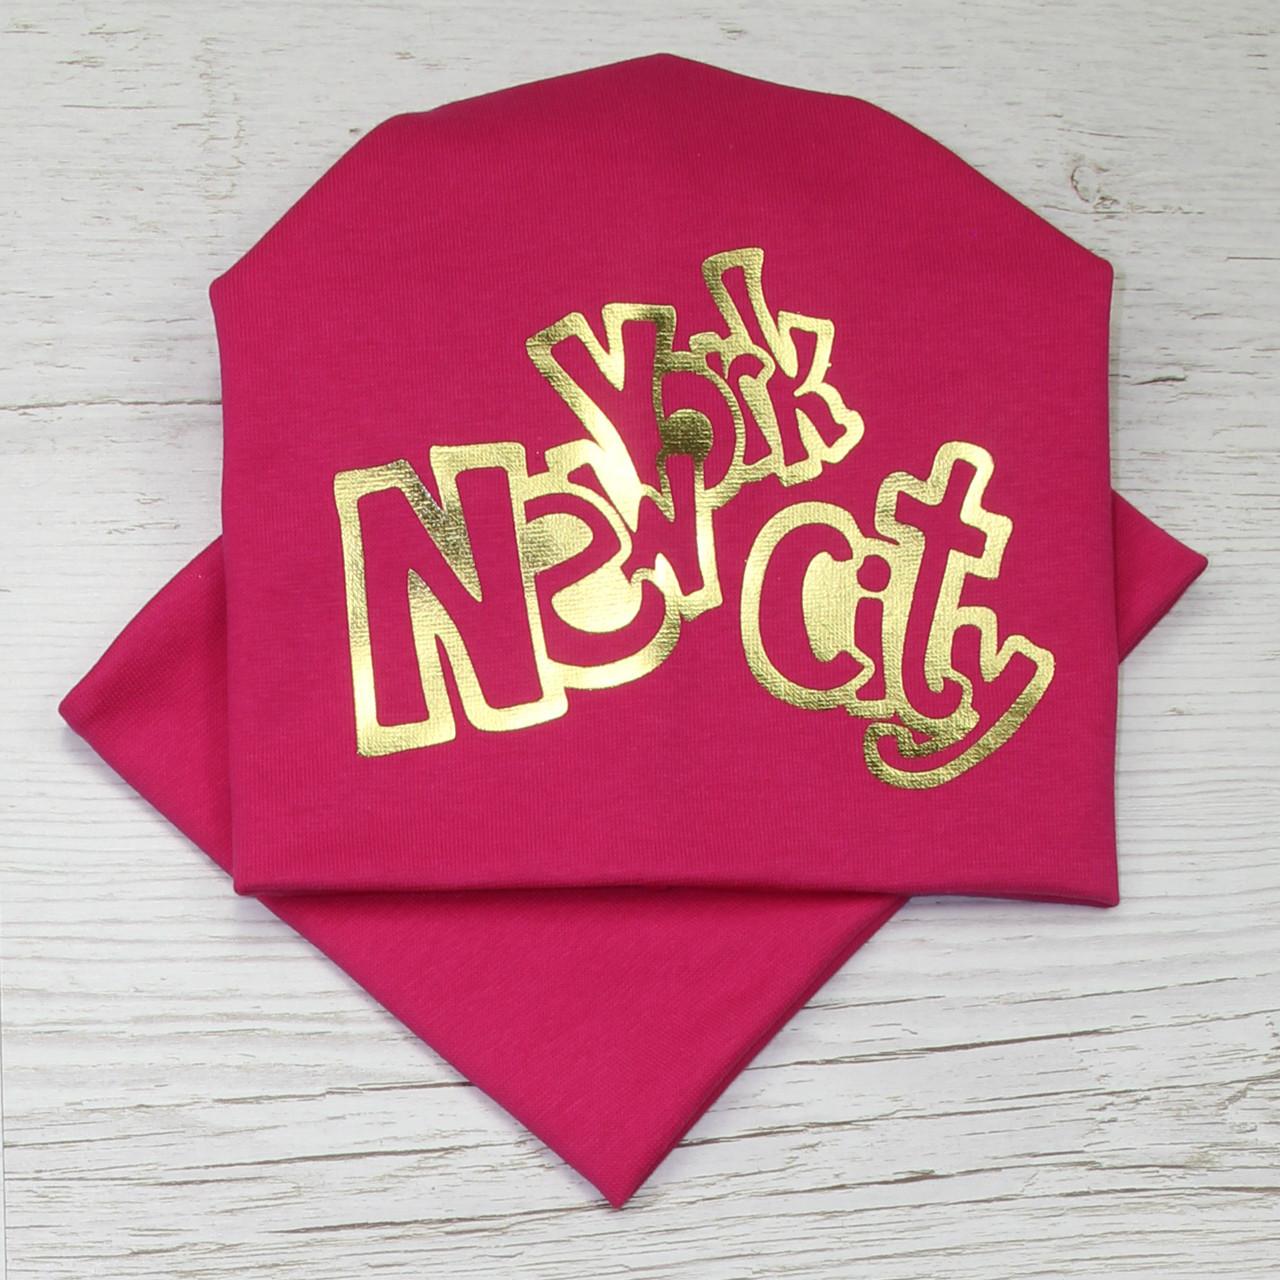 Стильные детские шапки. Шапка трикотажа для девочки